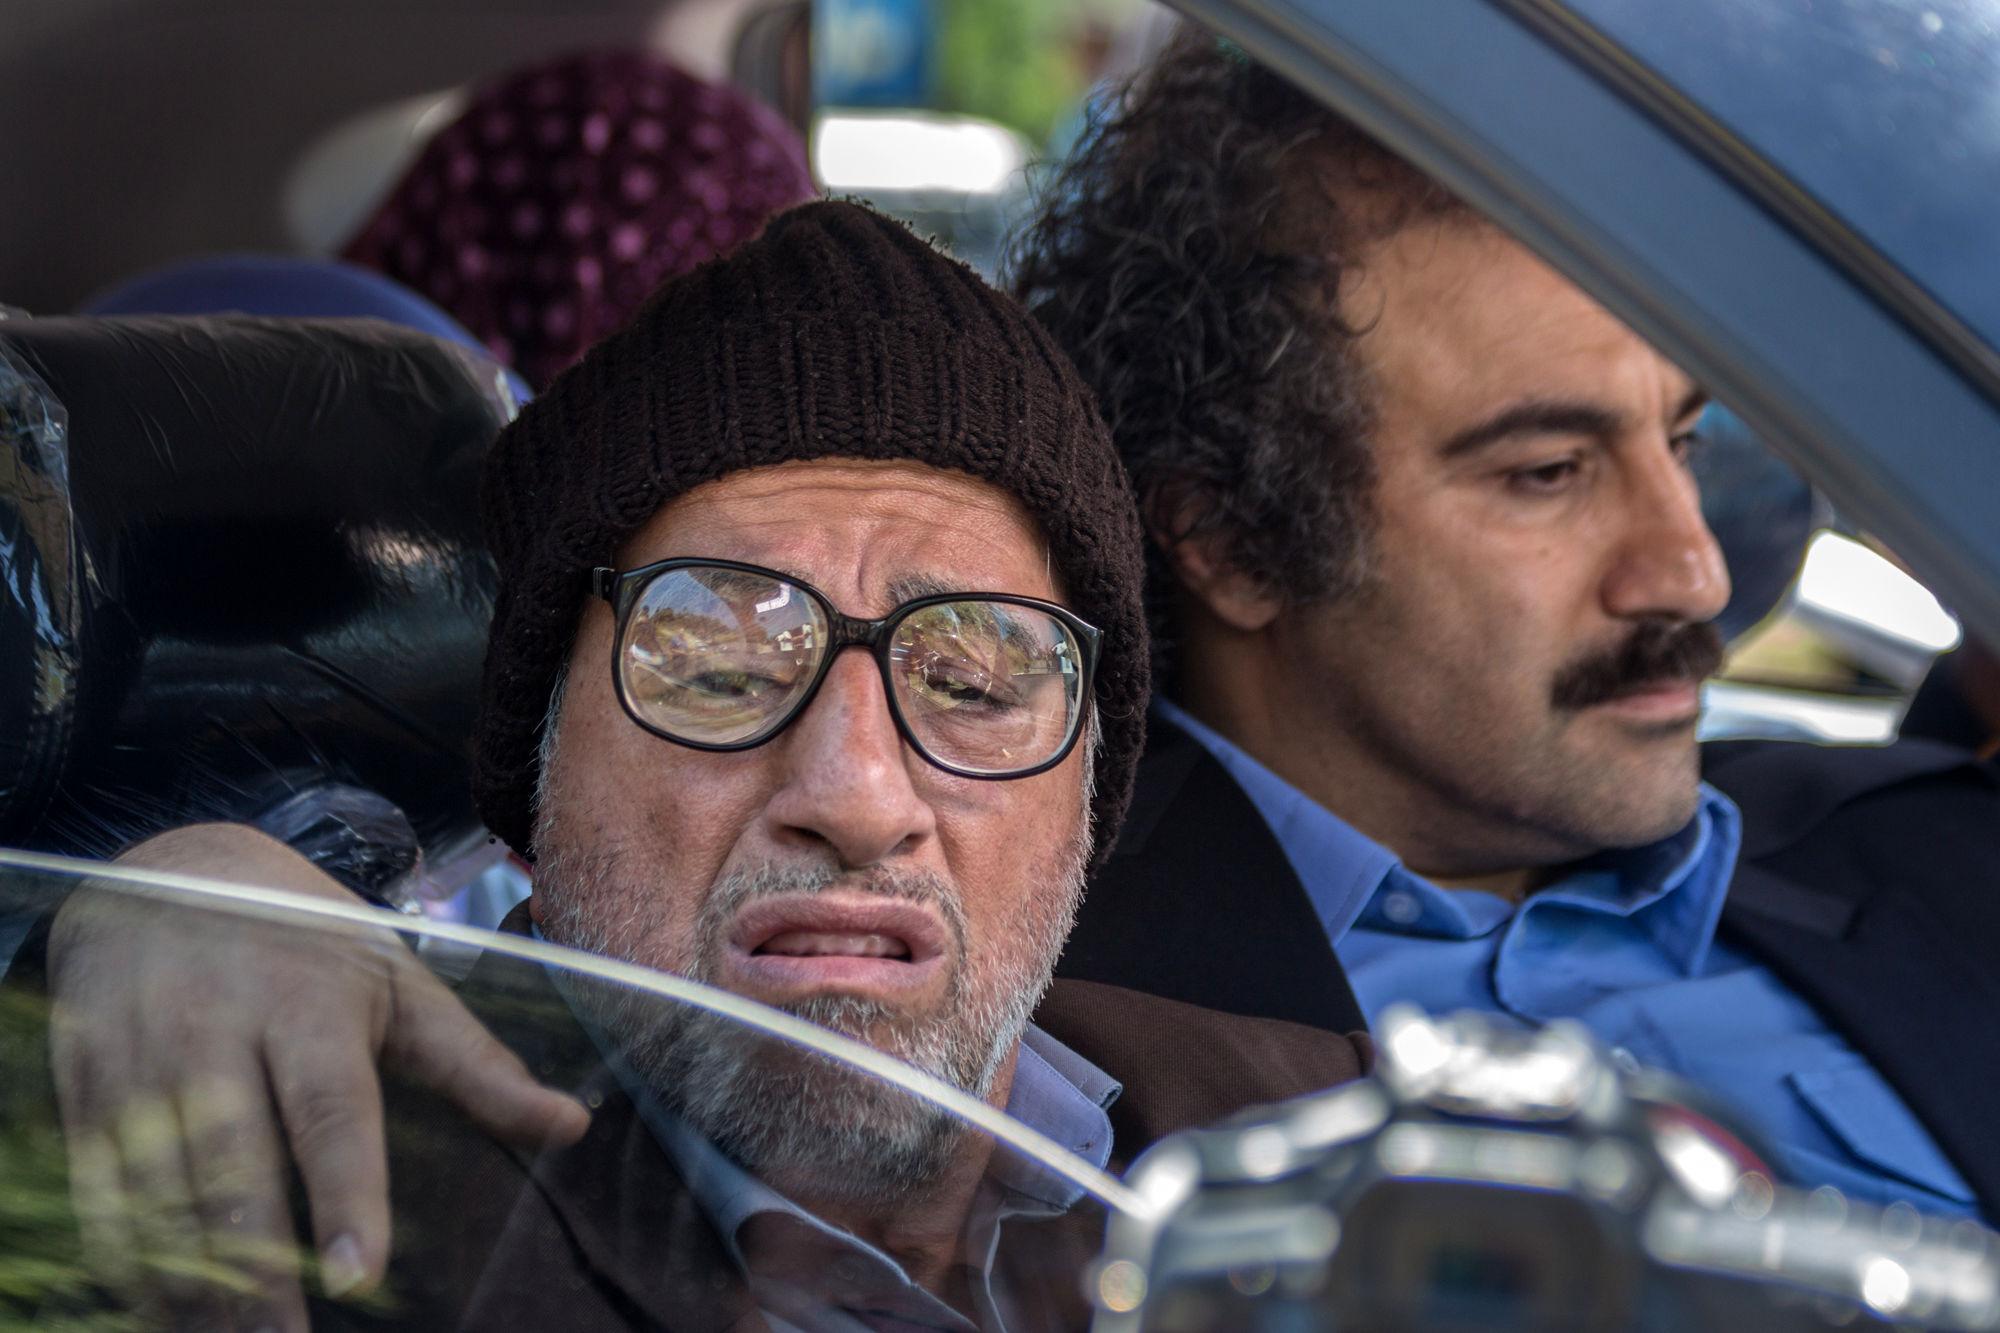 باباپنجعلی از پایتخت رفت/ دلیل حذف خمسه از پایتخت چیست ؟